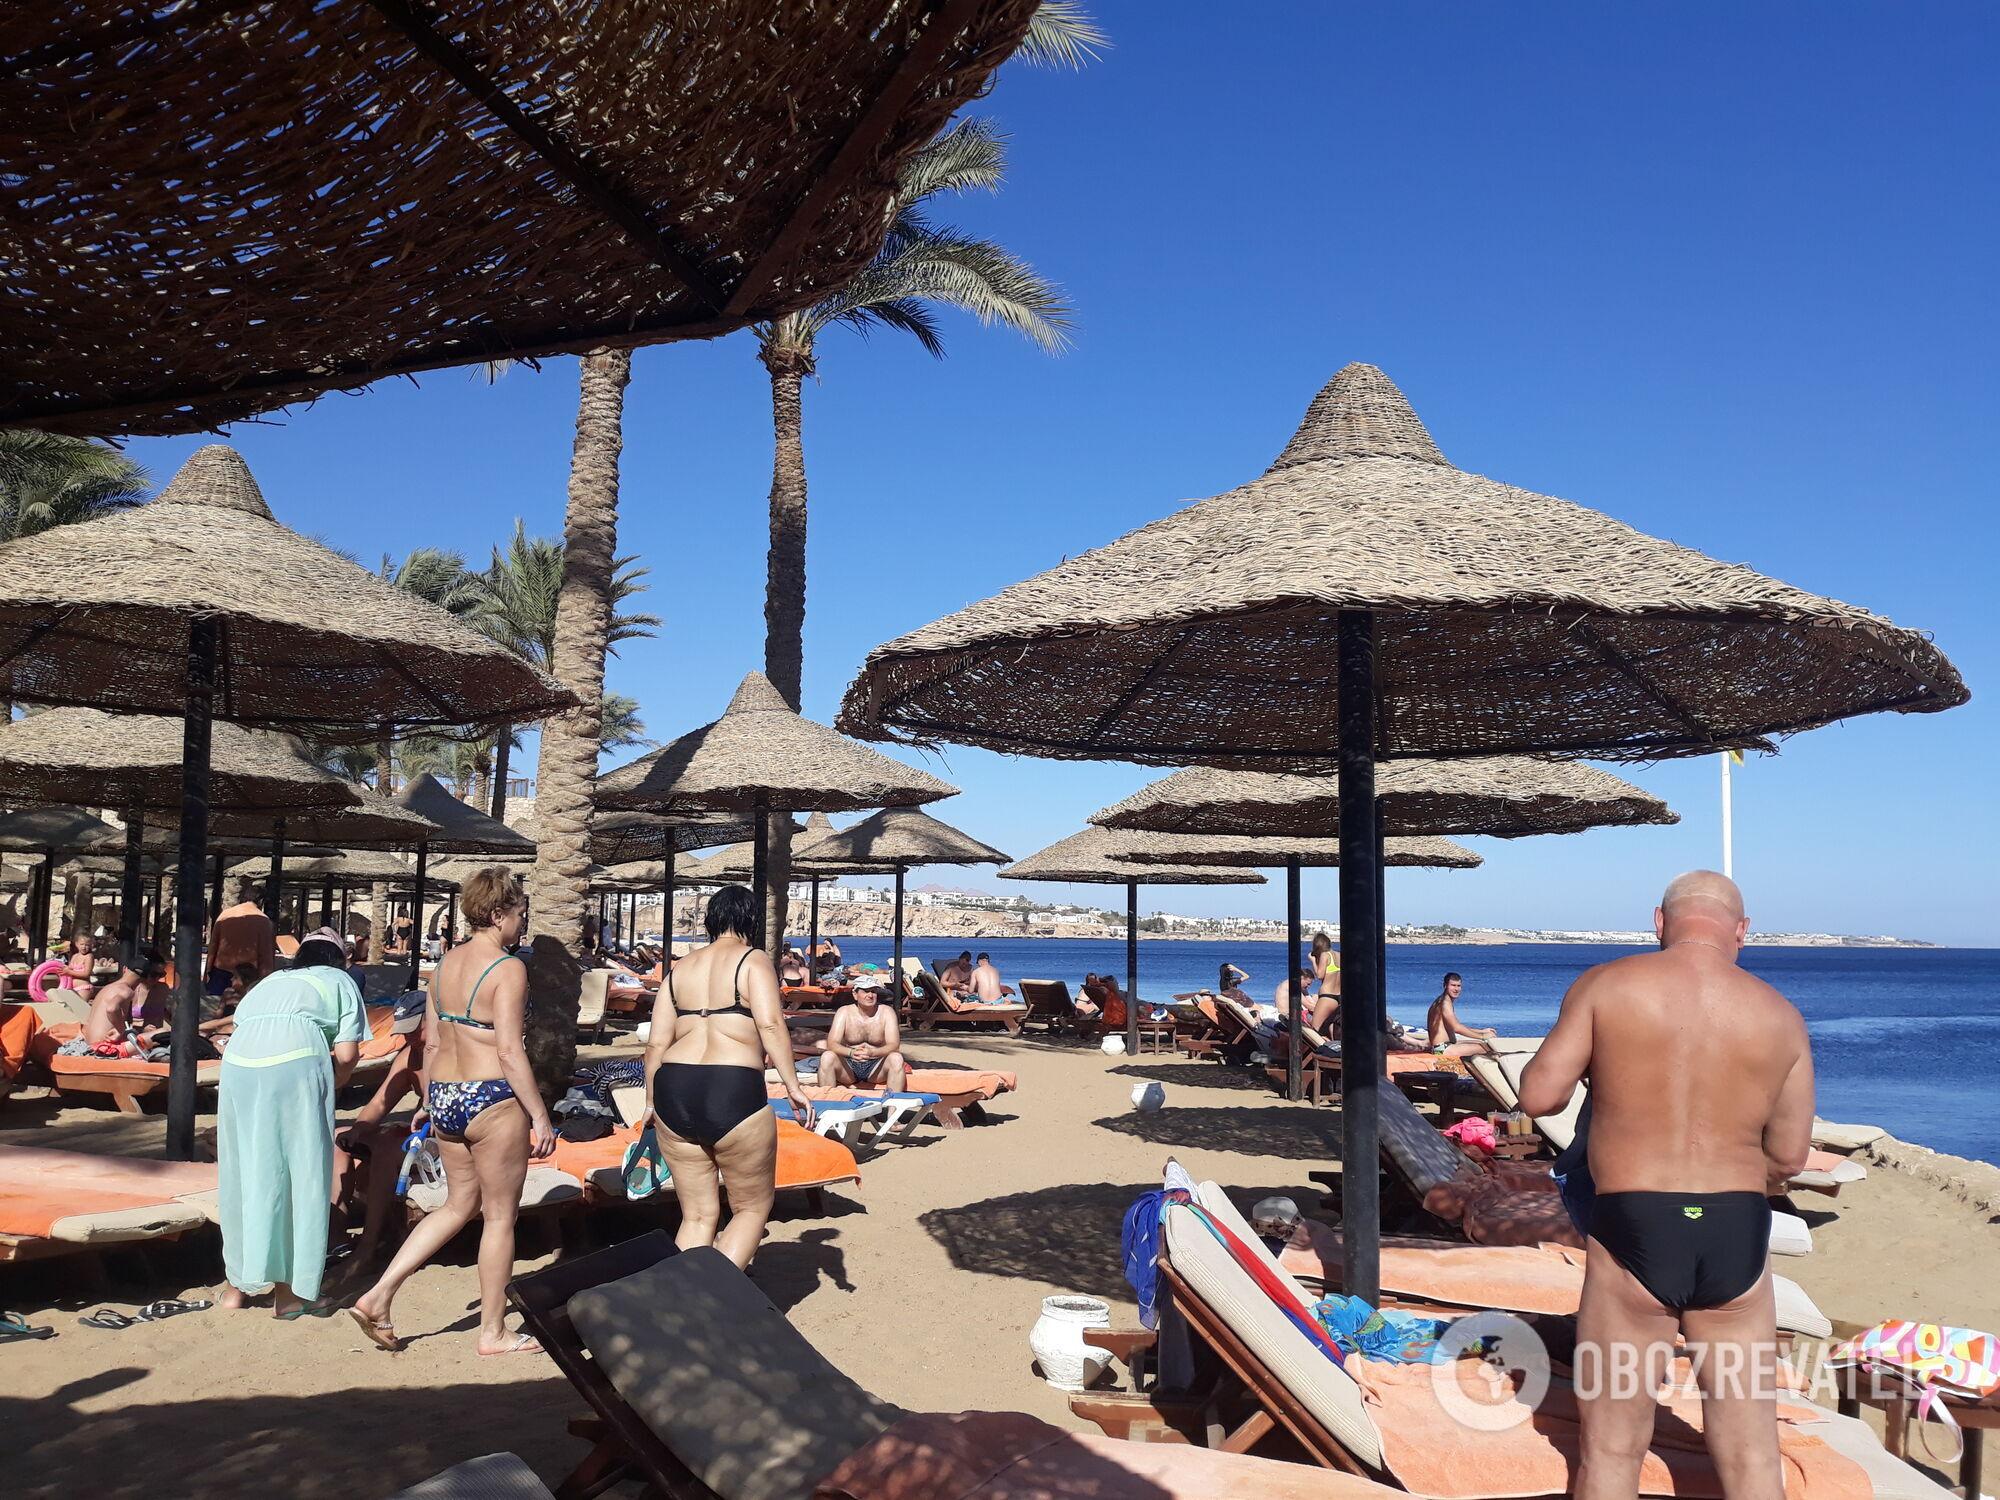 Для отдыха на Красном море в Египте туроператоры чаще всего предлагают курорты Шарм-эль-Шейх и Хургаду